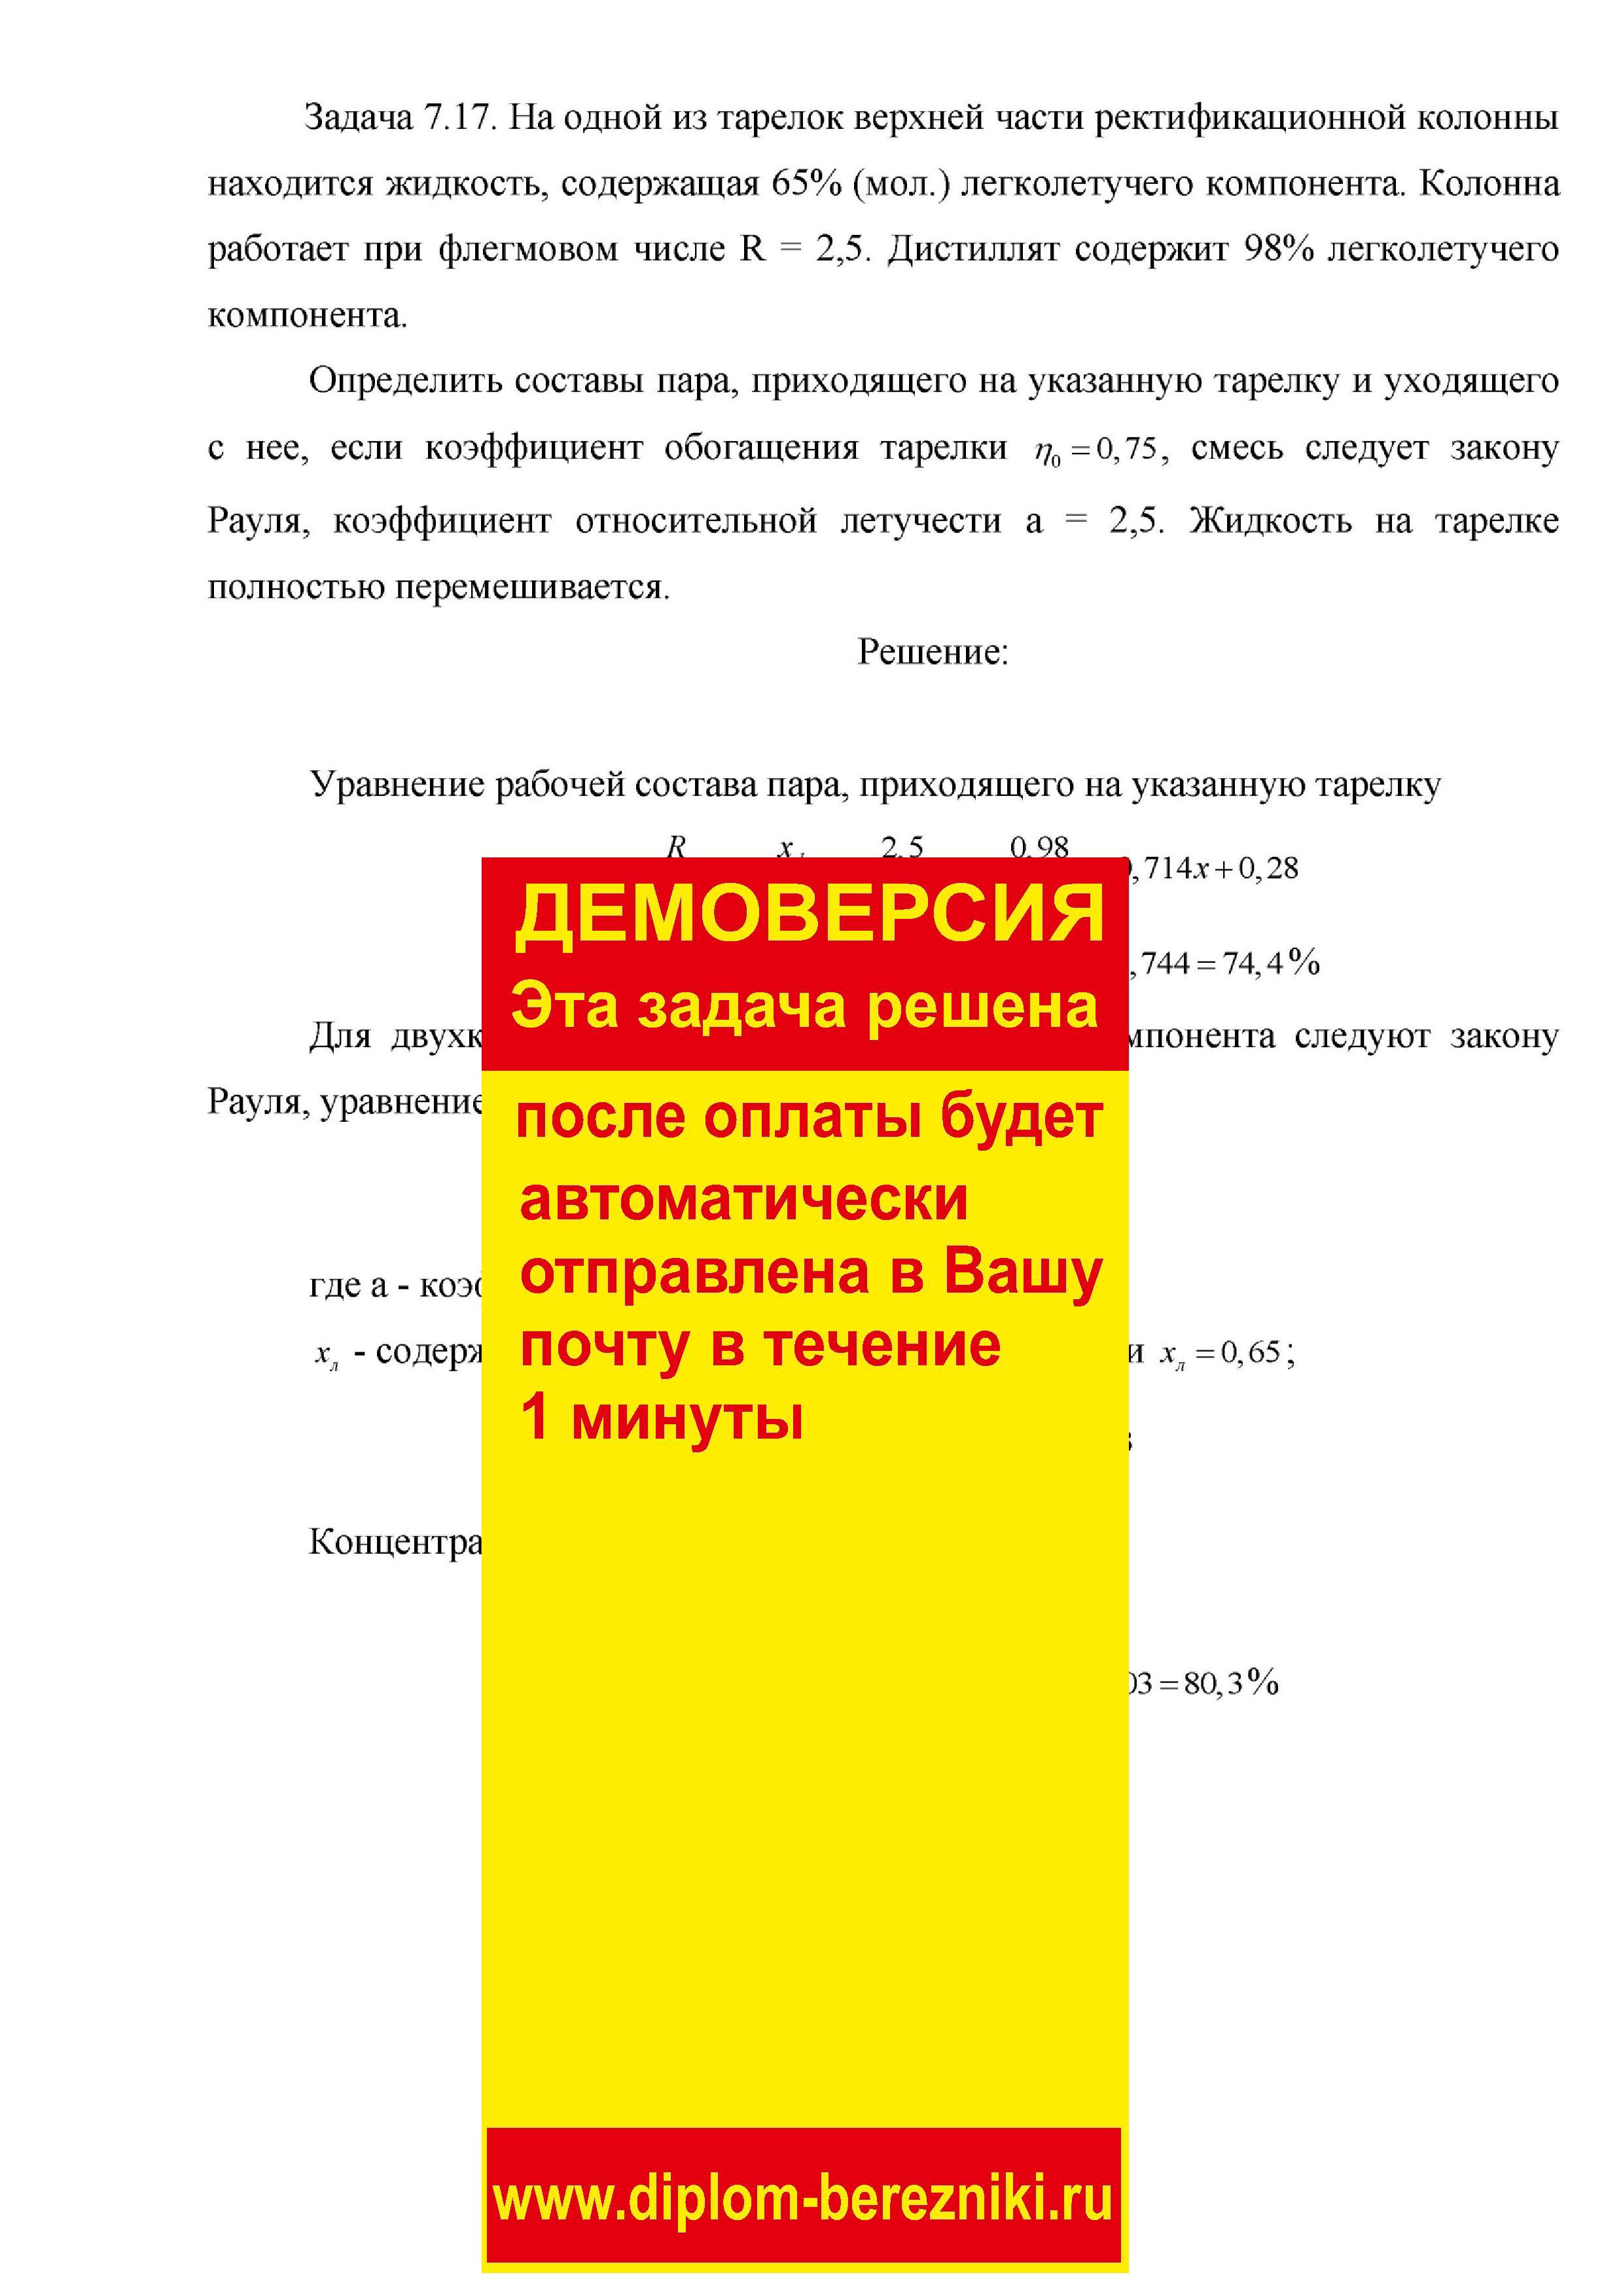 Решение задачи 7.17 по ПАХТ из задачника Павлова Романкова Носкова